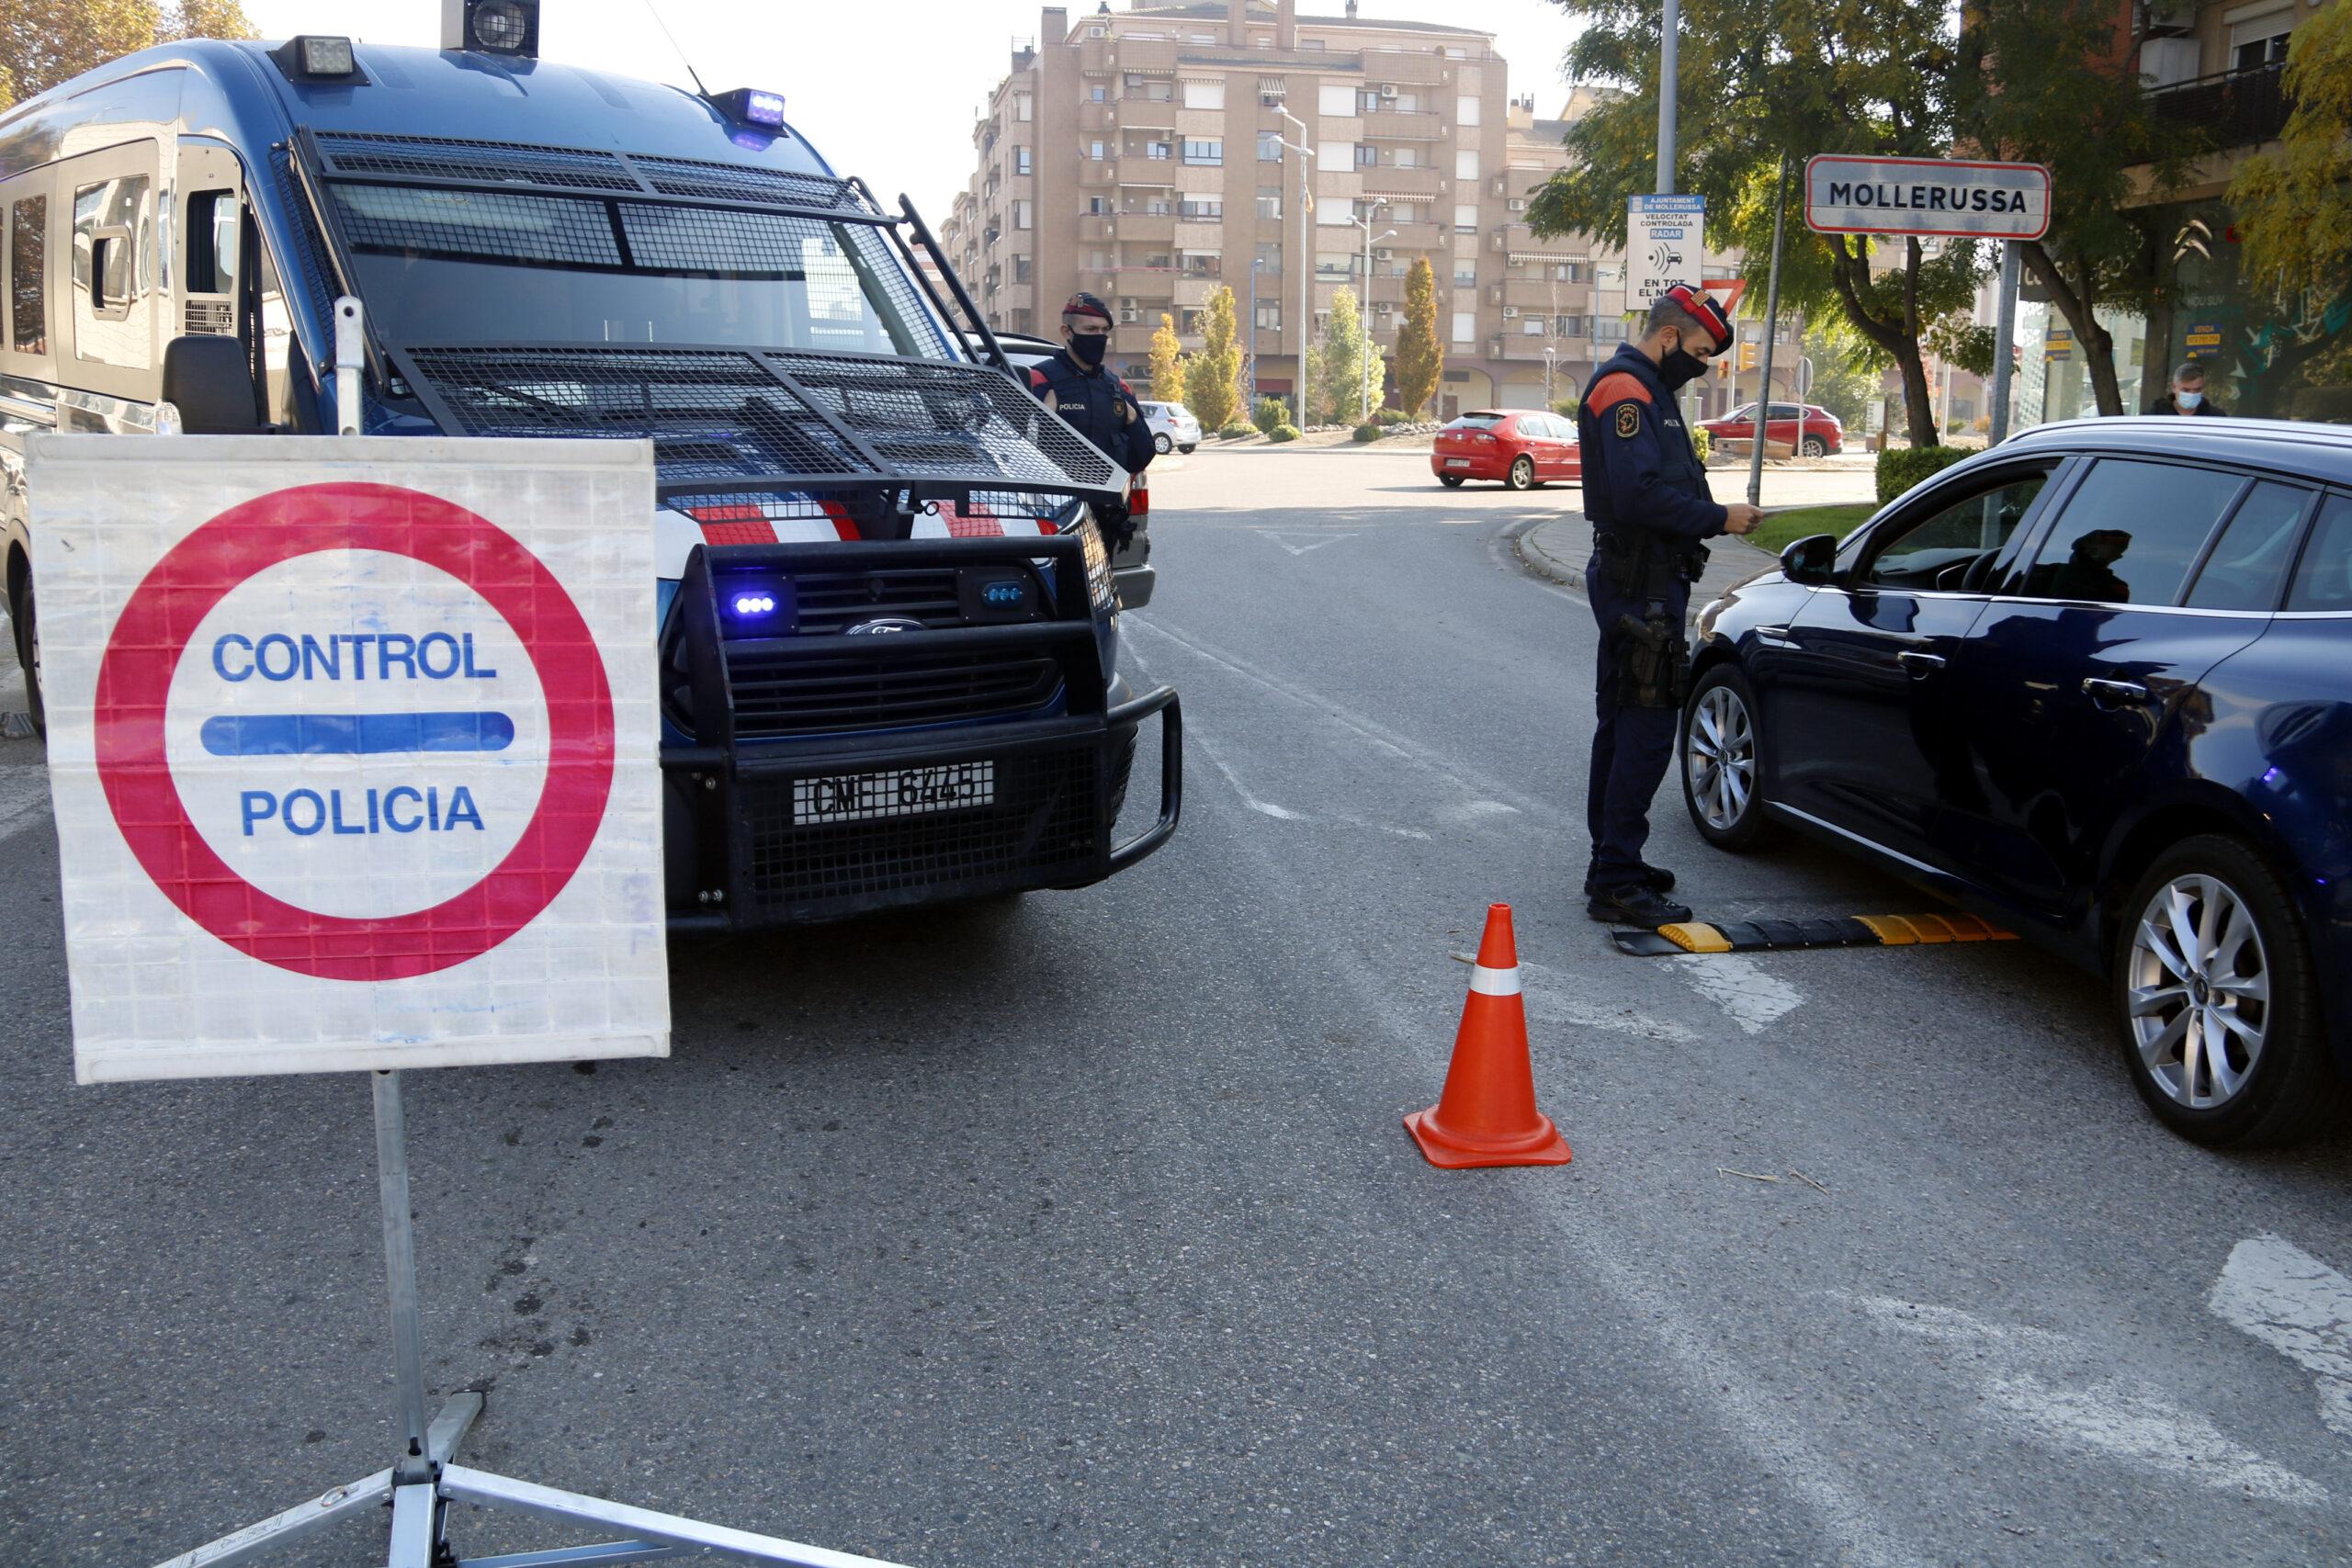 Pla obert on es pot veure un control dels Mossos d'Esquadra a l'accés de Mollerussa per les noves restriccions per frenar la covid-19, el 30 d'octubre de 2020. (Horitzontal)